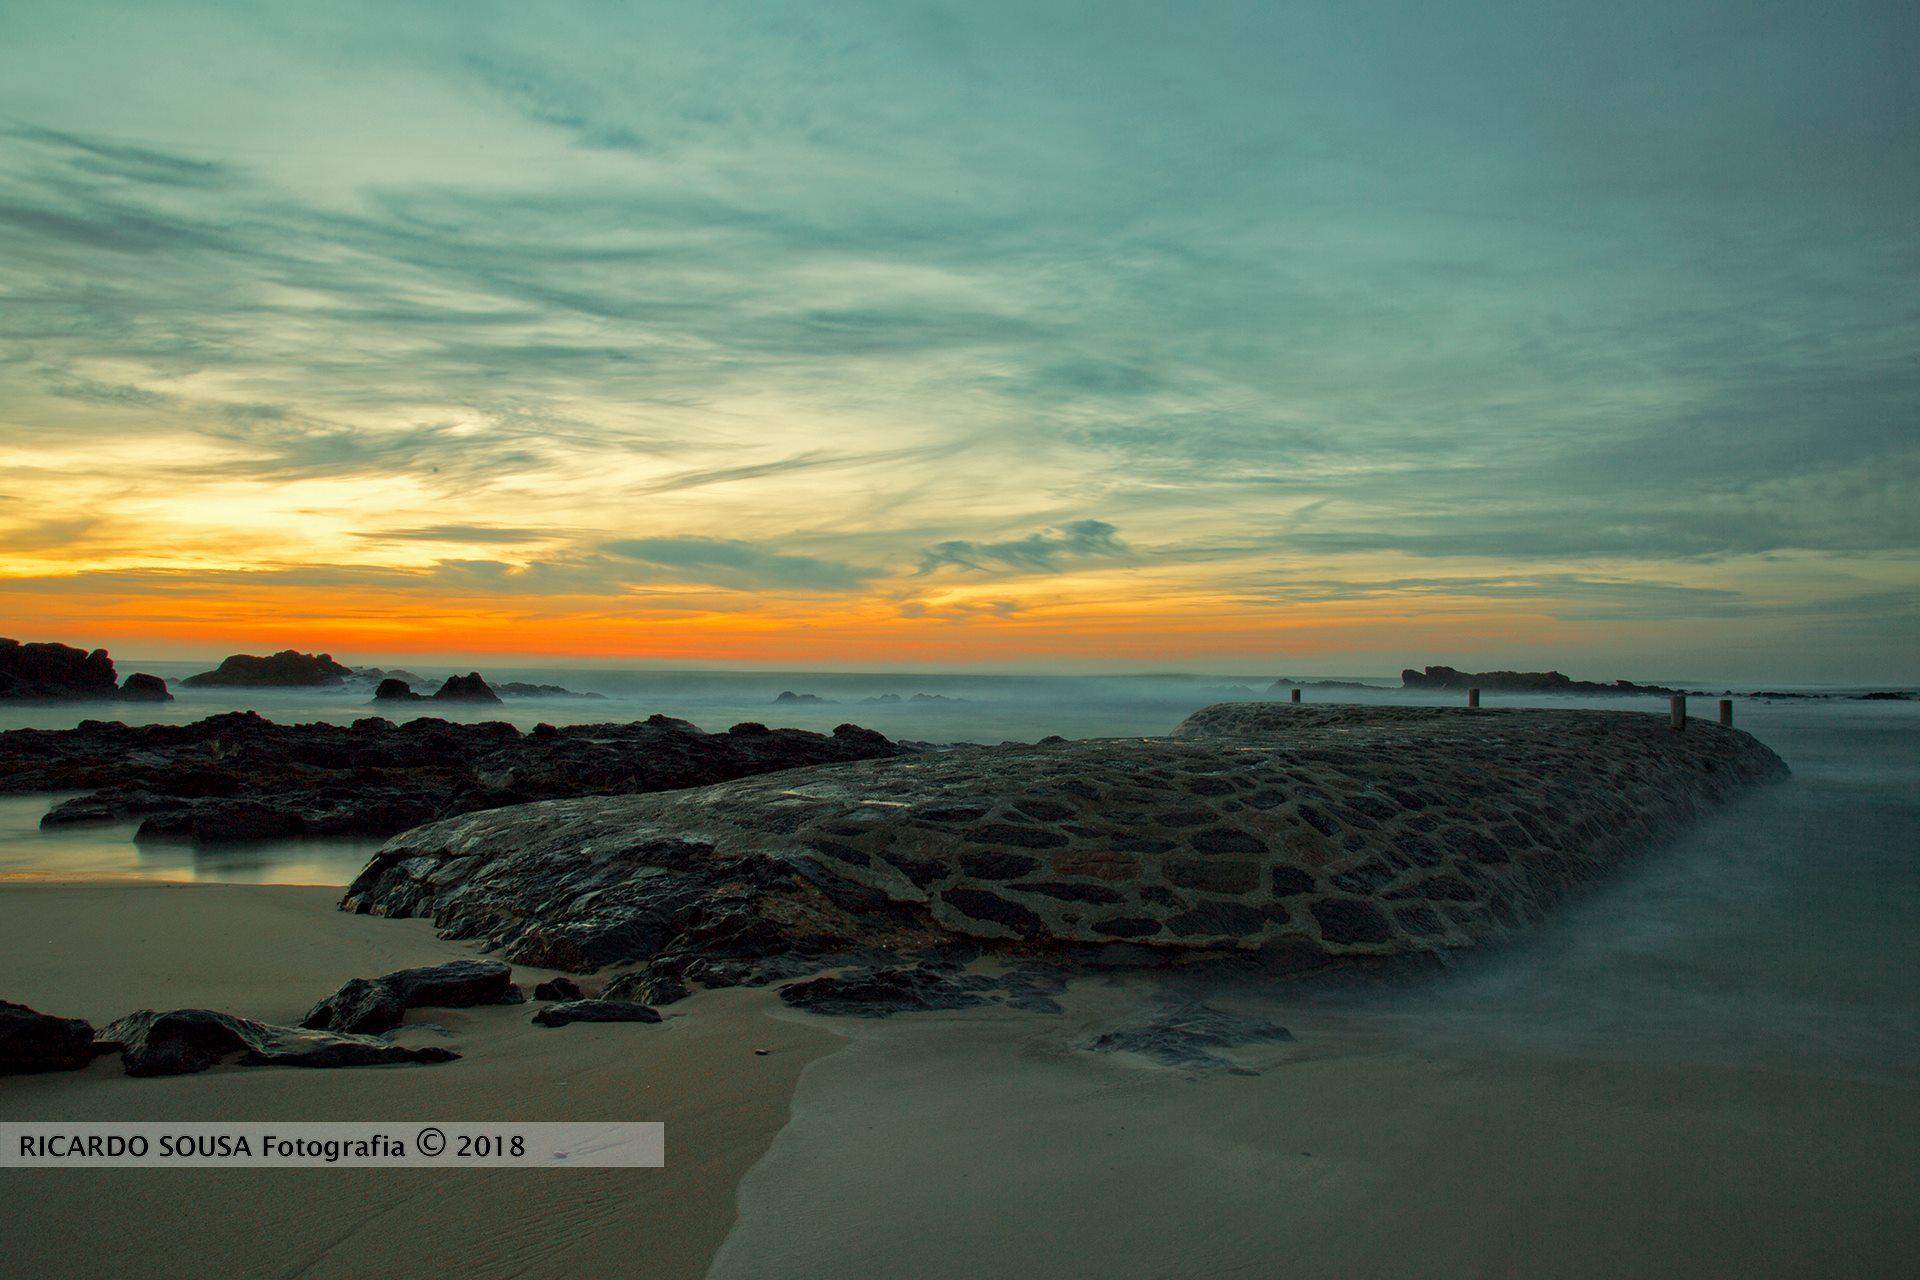 Viana promove atividades de educação ambiental nas praias com Bandeira Azul